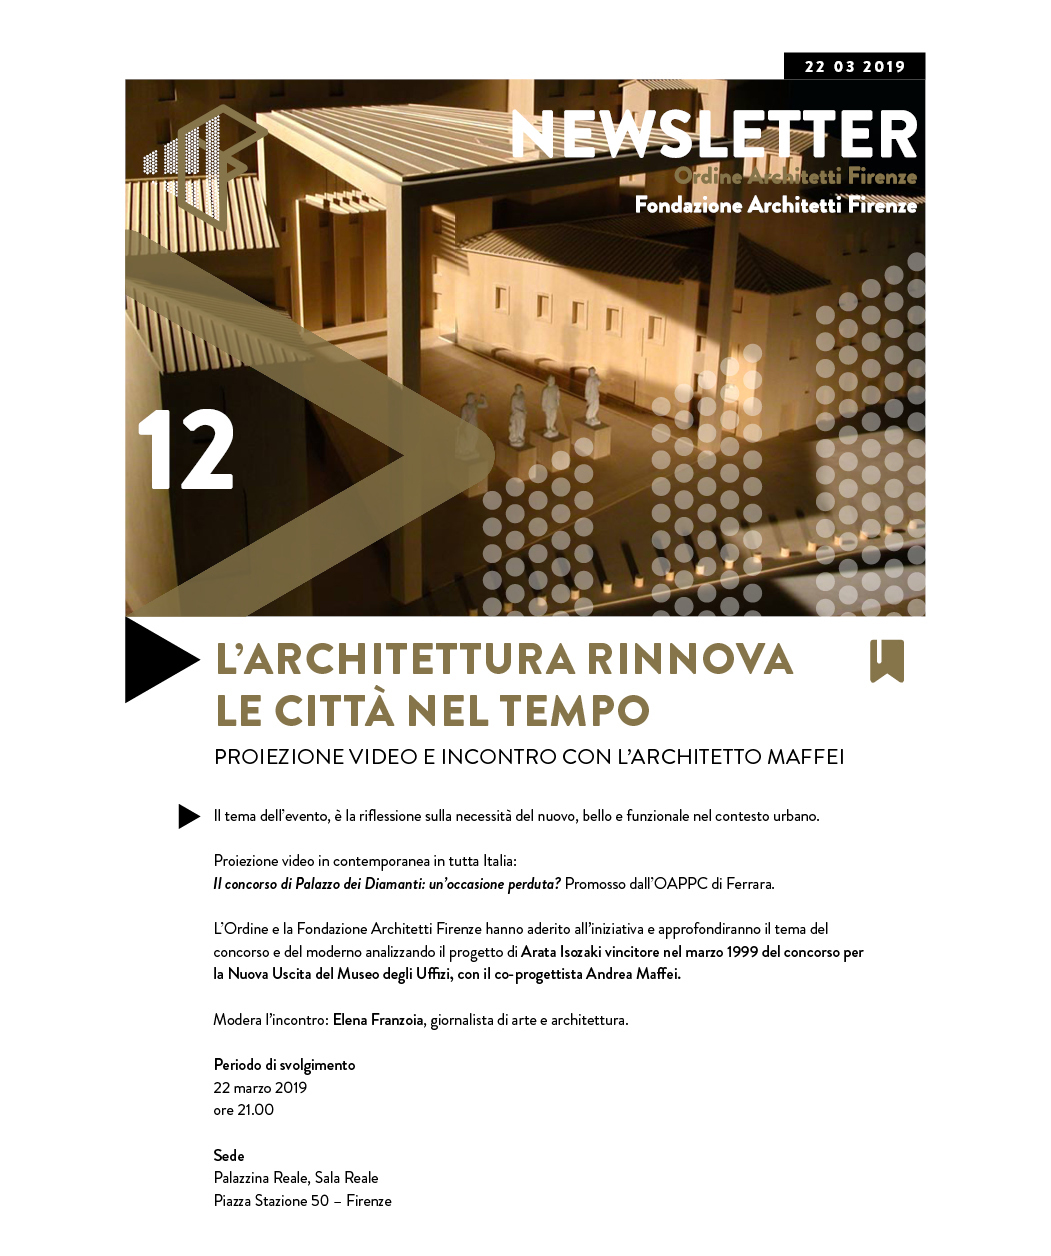 L'ARCHITETTURA RINNOVA LE CITTÀ NEL TEMPO Proiezione video in contemporanea in tutta Italia